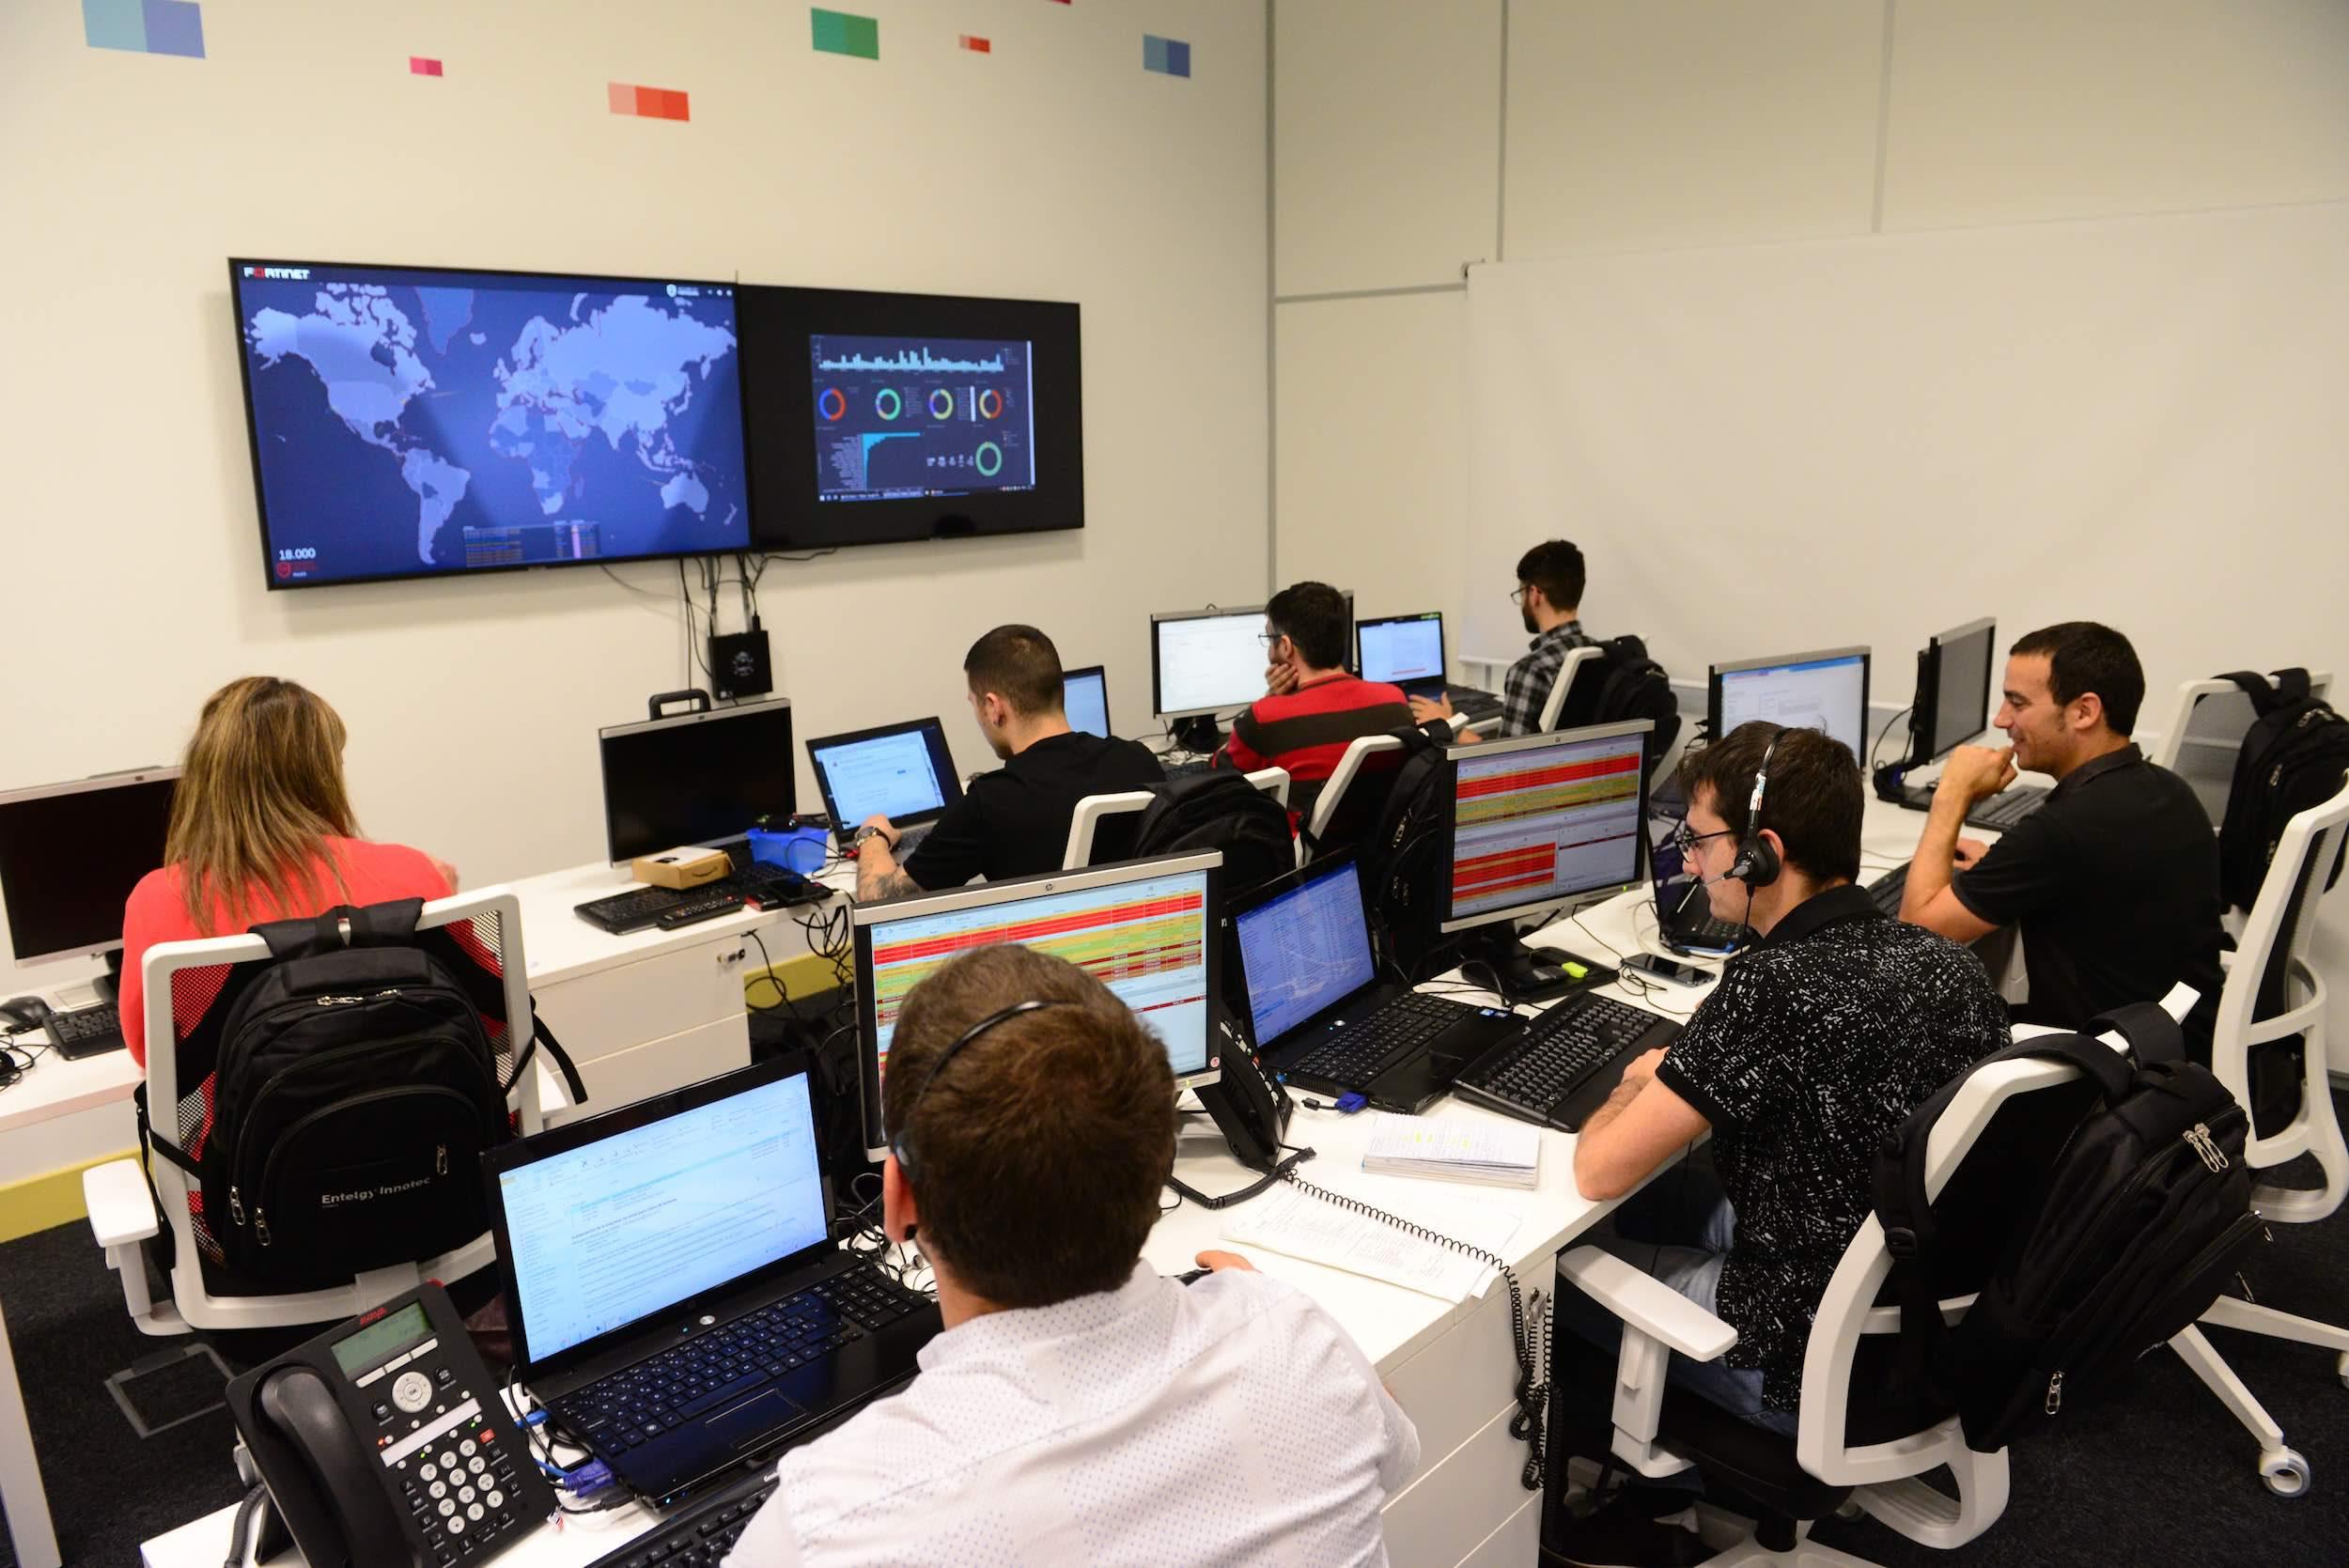 Centro Avanzado de Operaciones de Ciberseguridad Industrial de Entelgy Ibai en Vitoria.